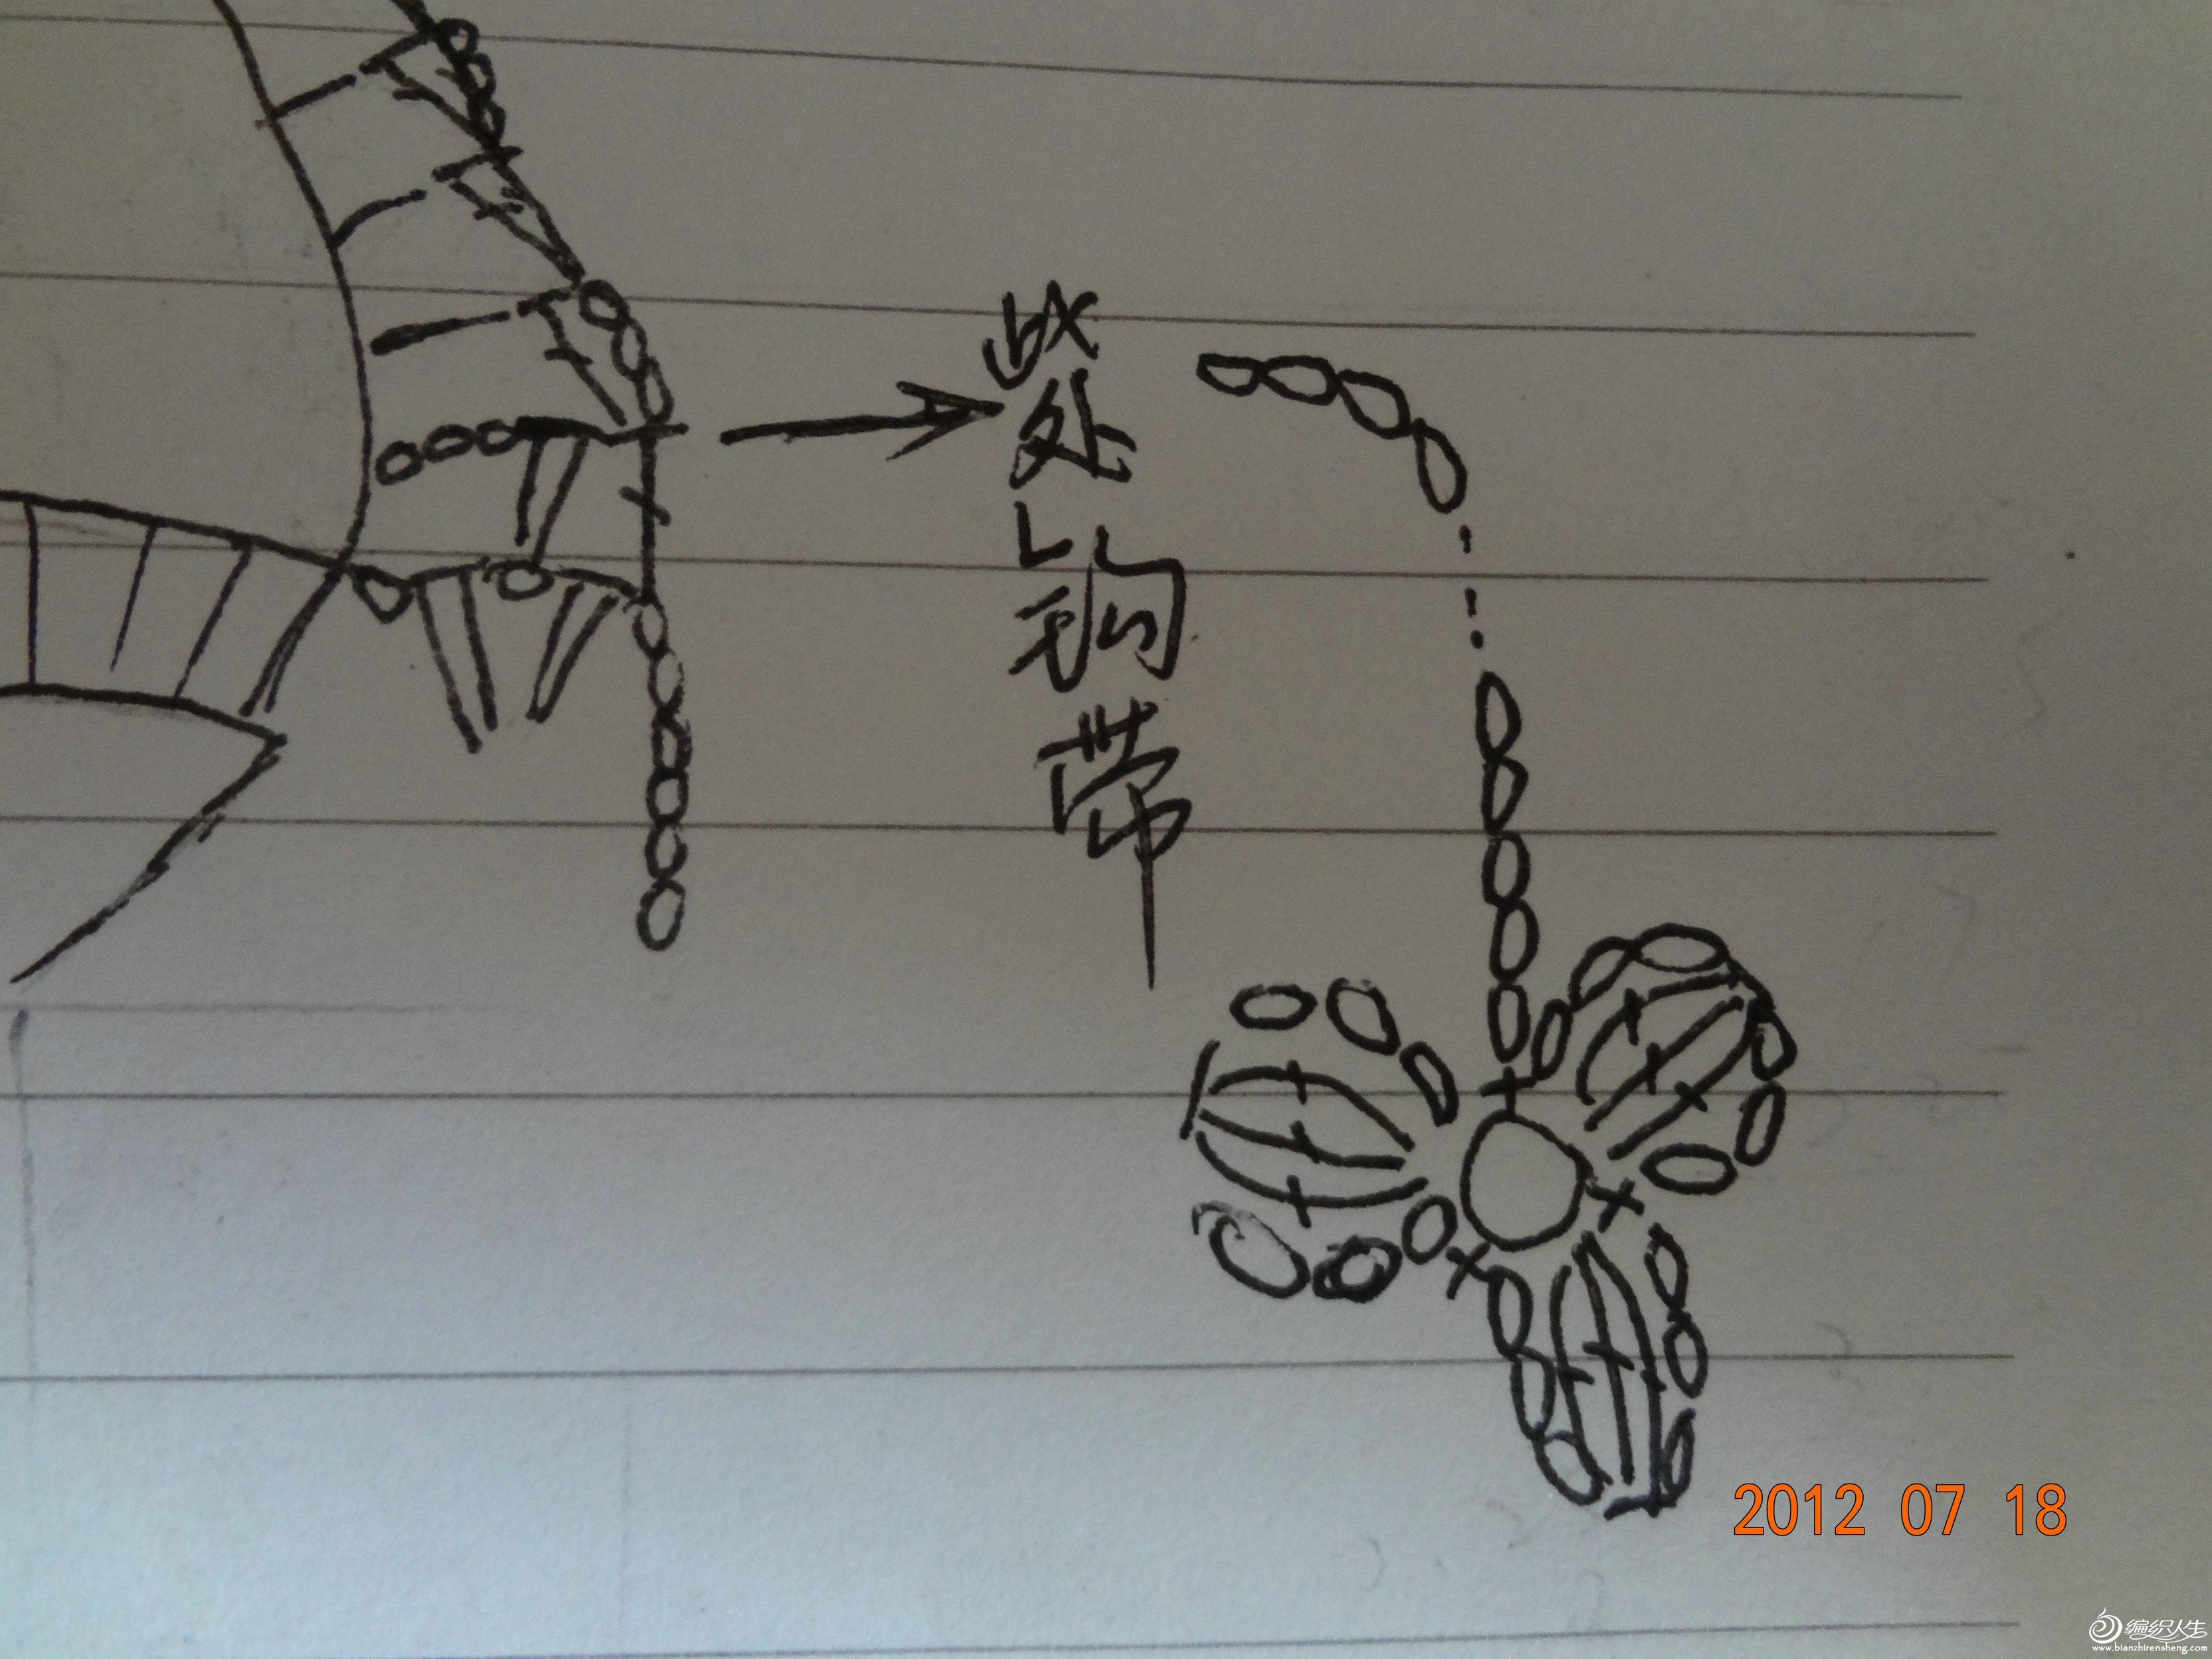 带子的长短自己调节,要长的就多钩些锁针